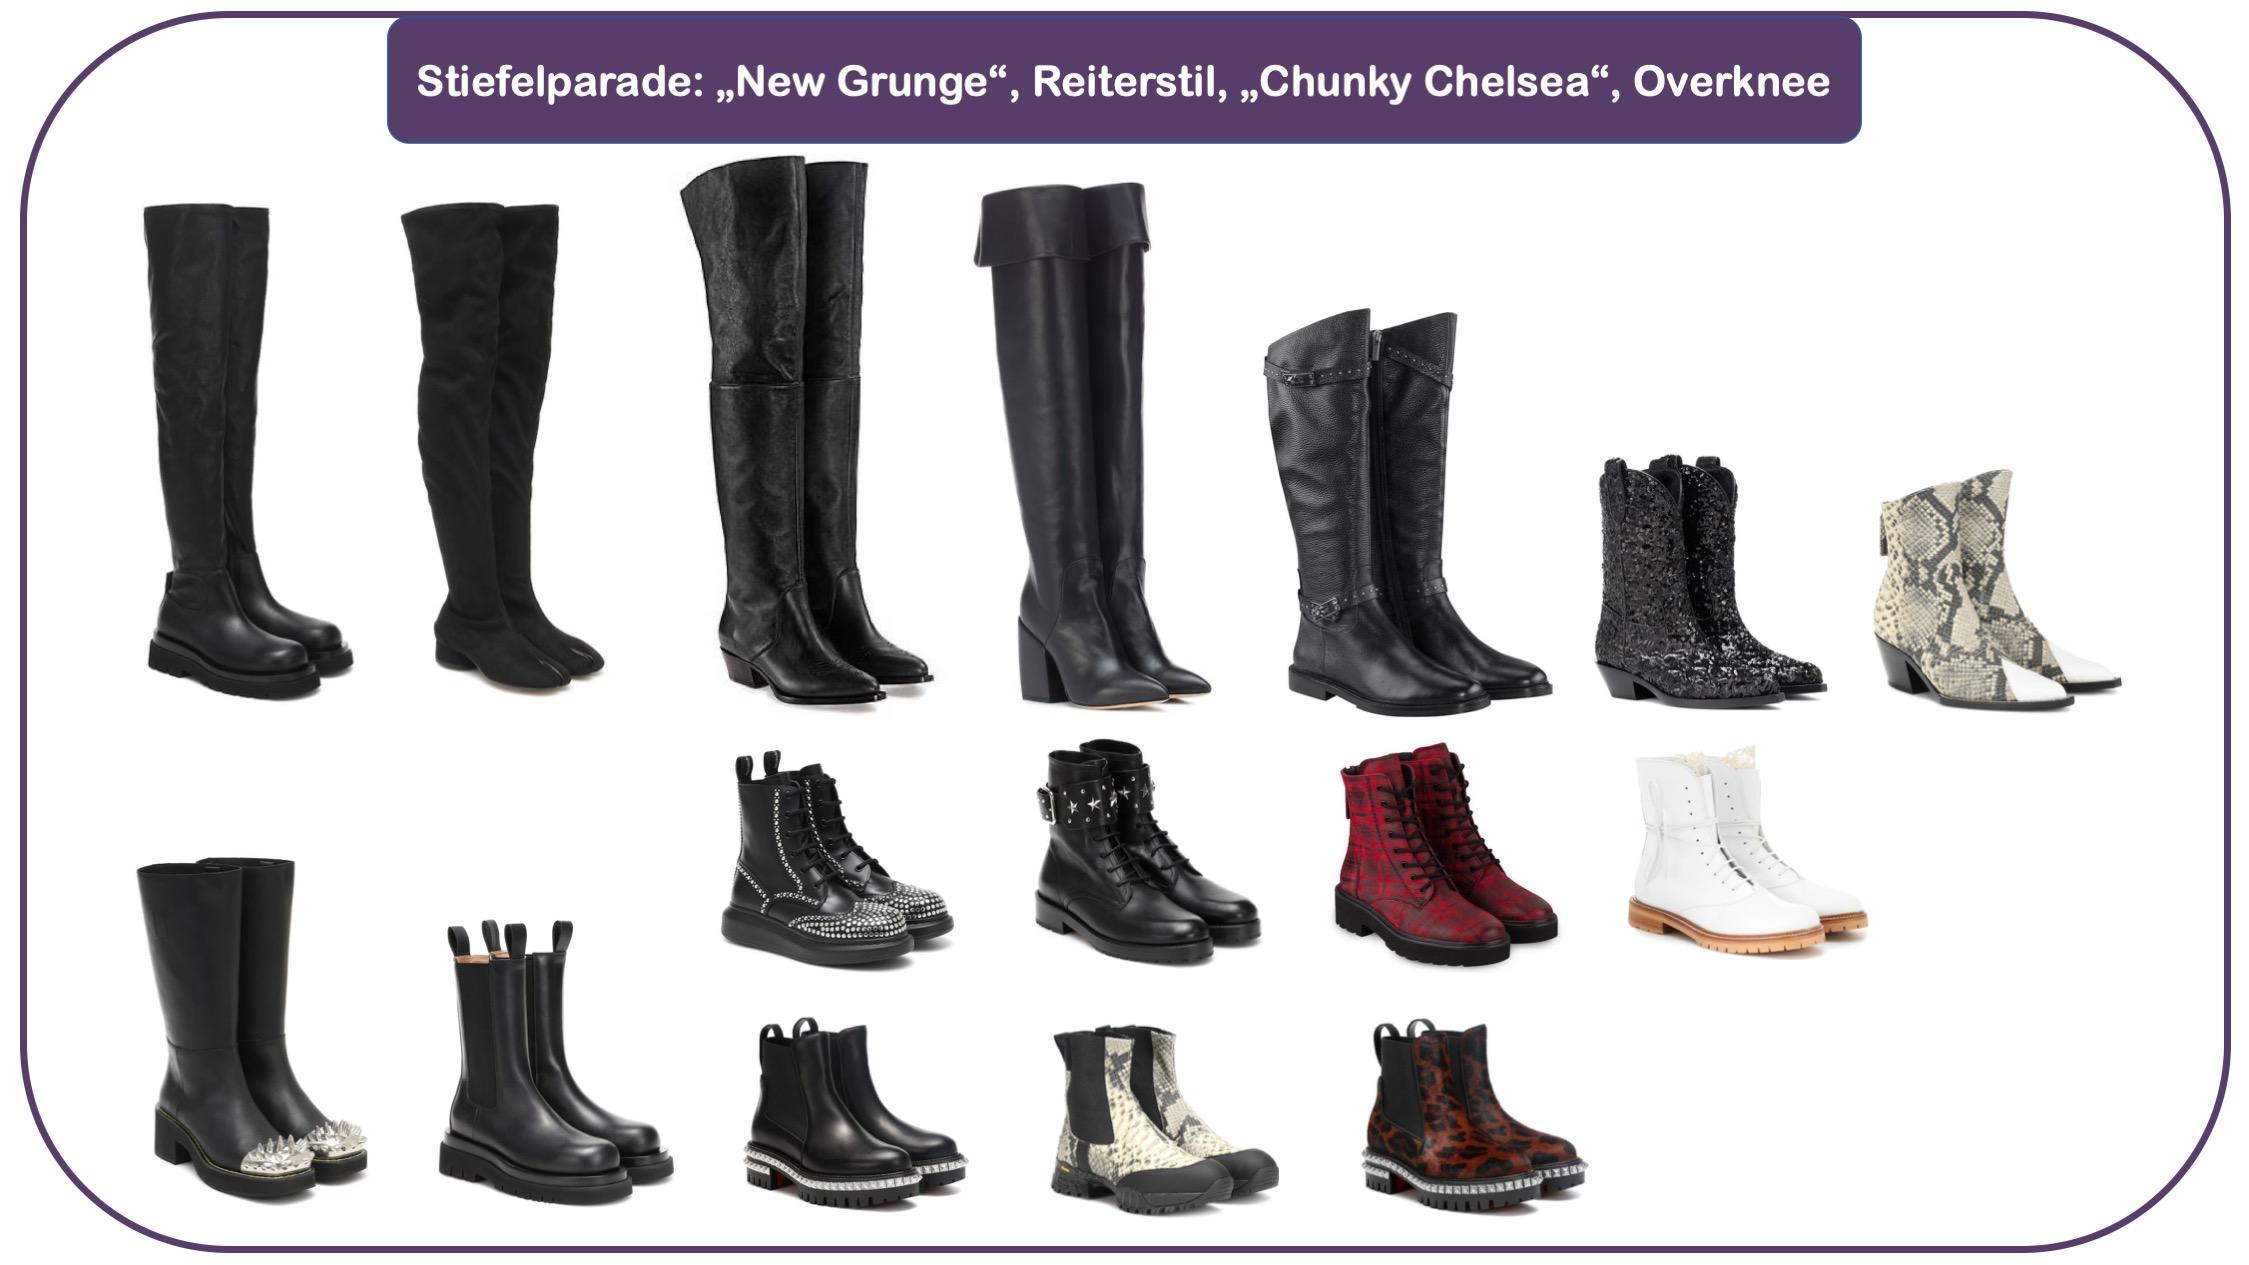 Schuh- und Taschen-Trends - Trend-Accessoires: Stiefel für Herbst und Winter 20/21